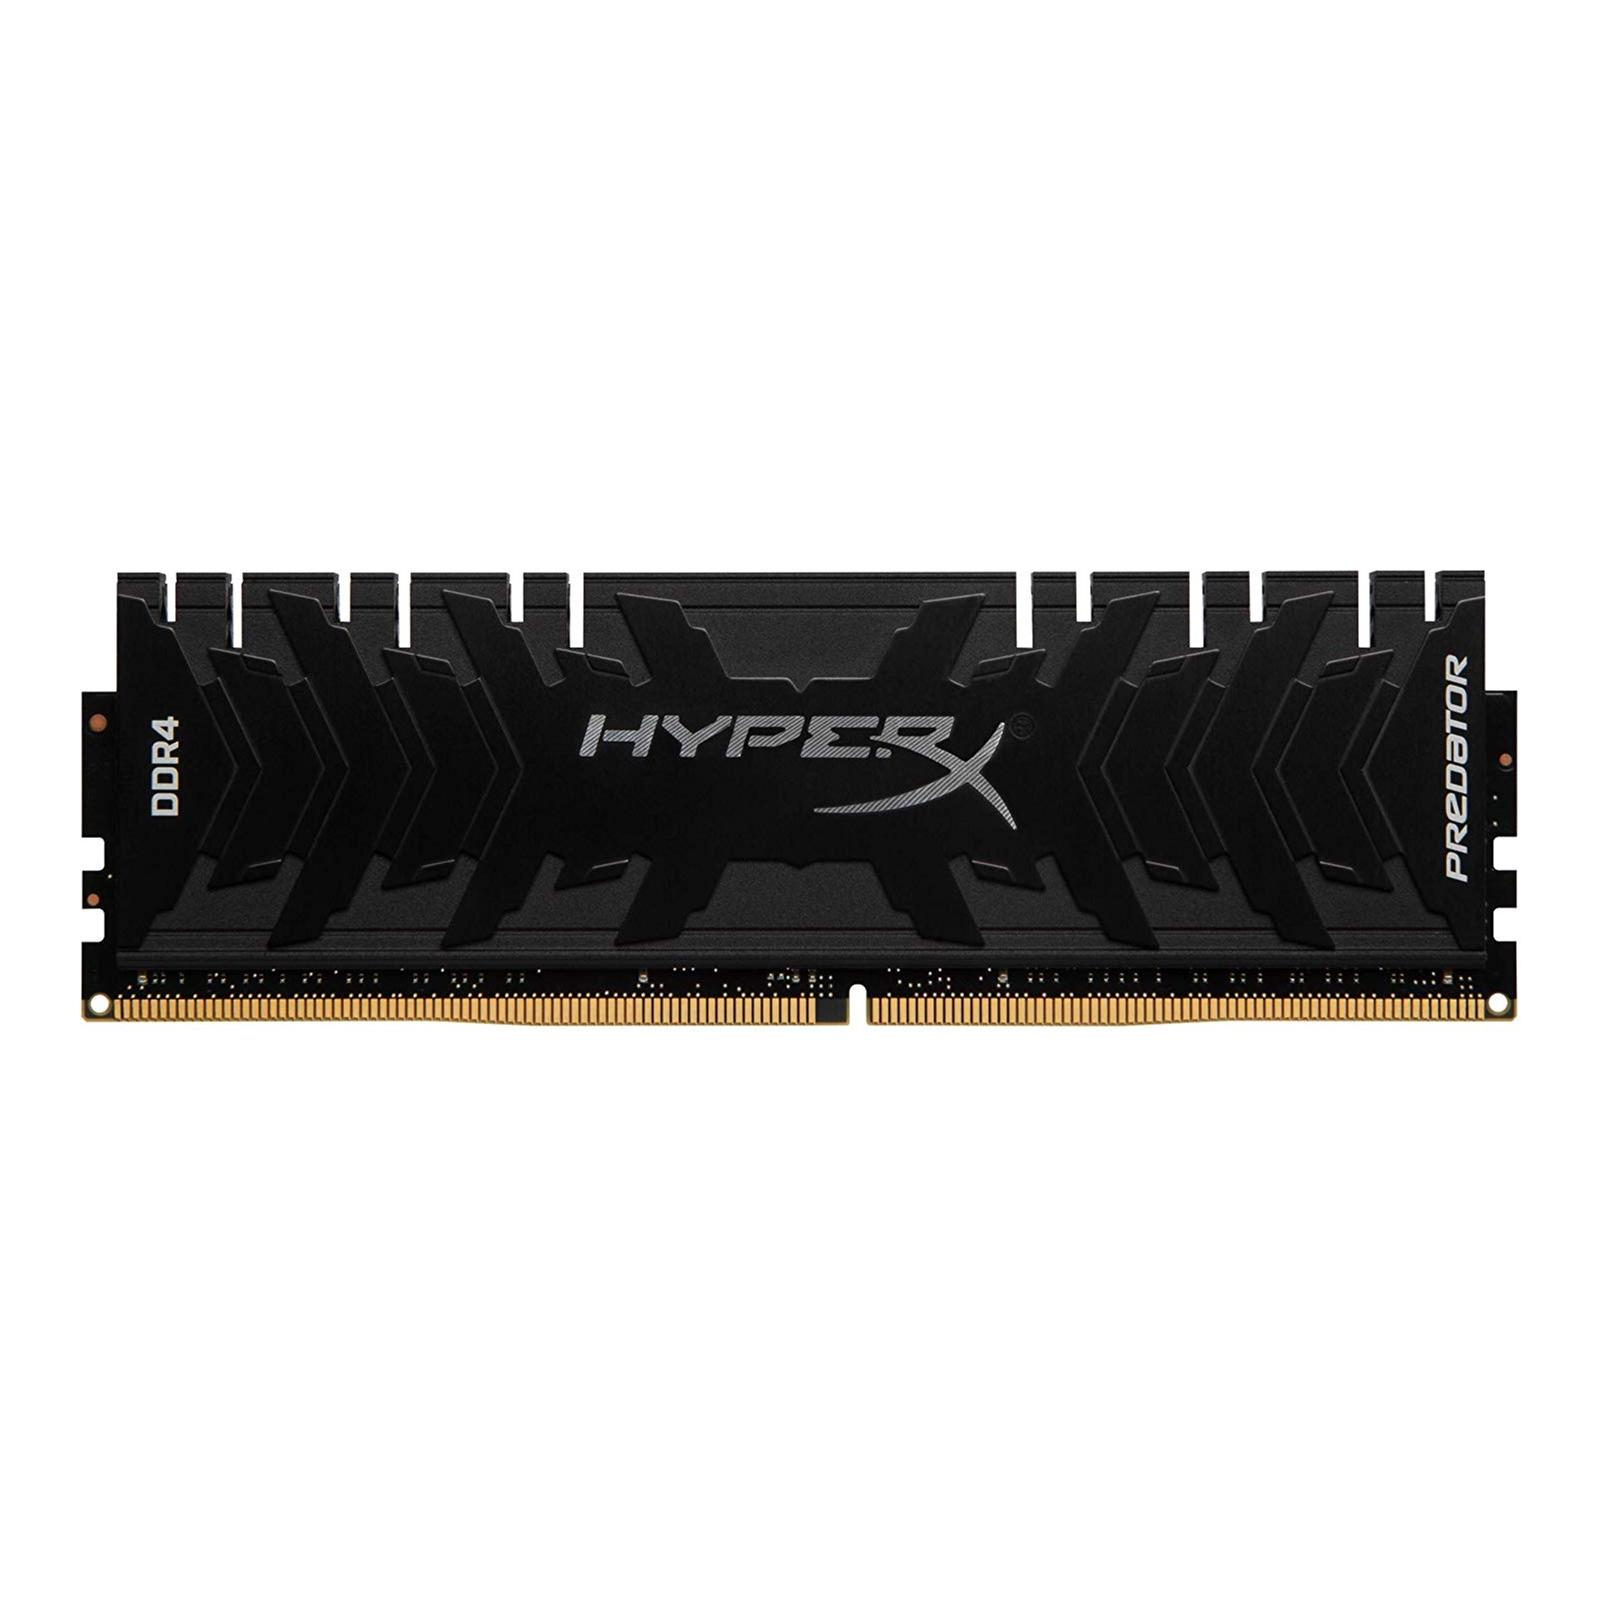 Модуль памяти для компьютера DDR4 8GB 3200 MHz HyperX Predator Black Kingston (HX432C16PB3/8)